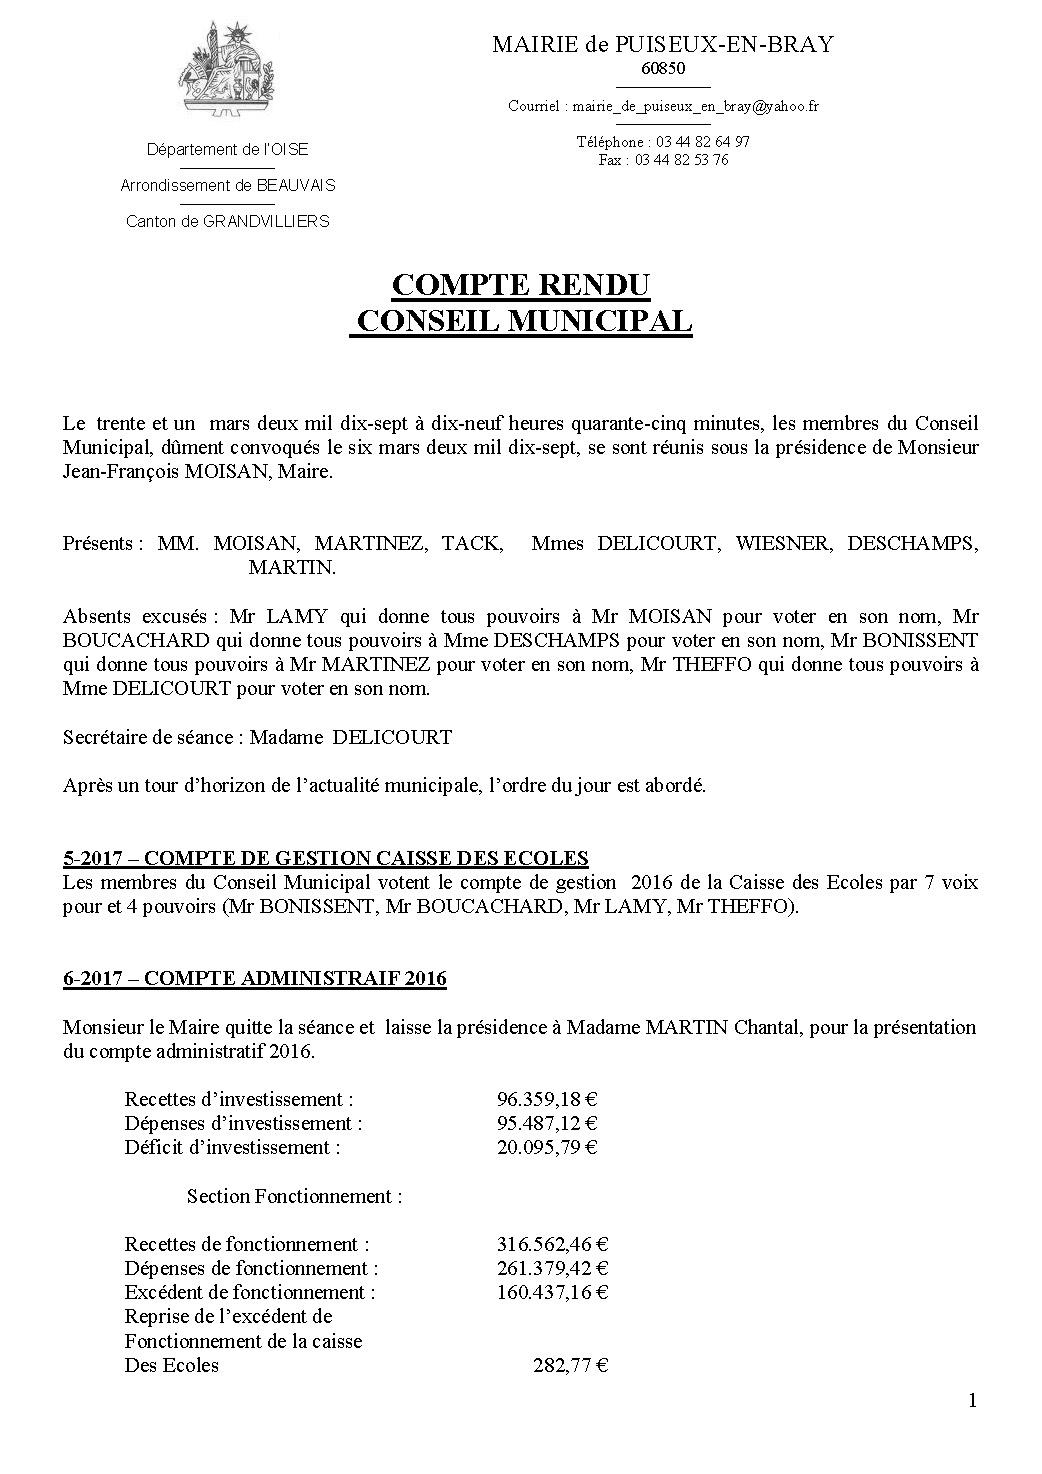 cr-du-31032017-page-1